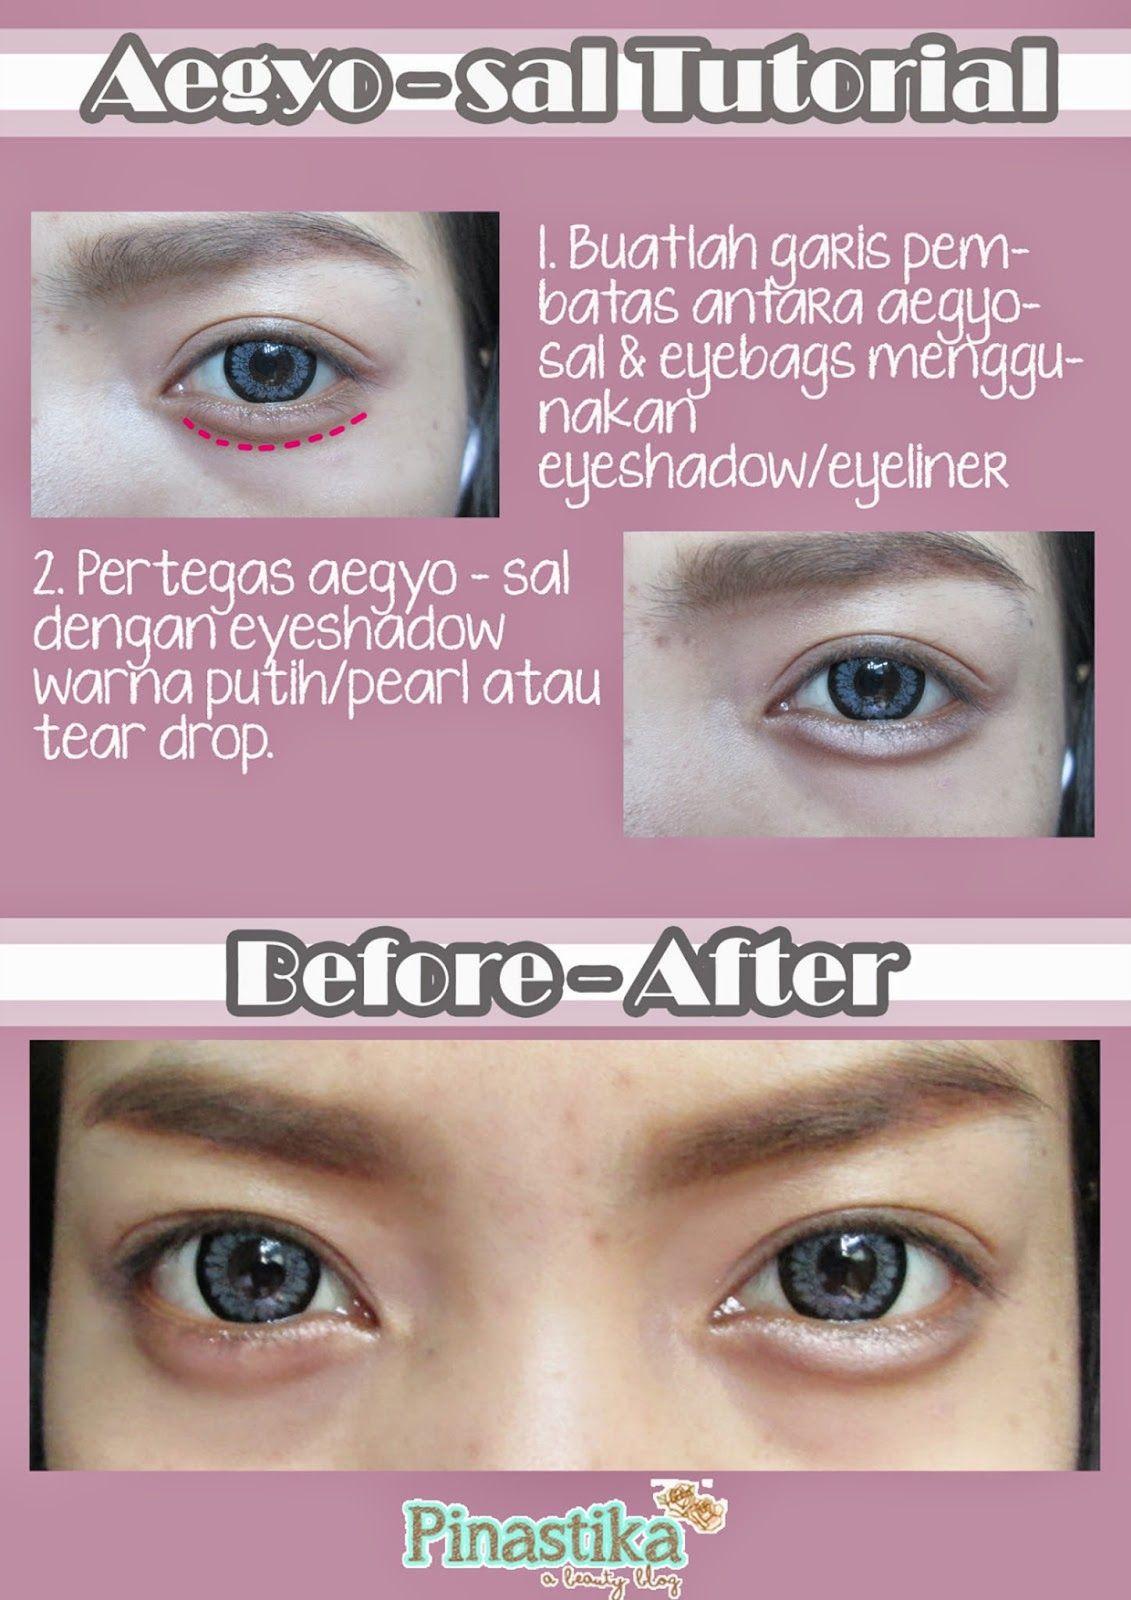 Pinastika Beauty Blog Tutorial Cara Membuat Aegyo Sal Eye Smiles Perawatan Kulit Trik Kecantikan Trik Makeup